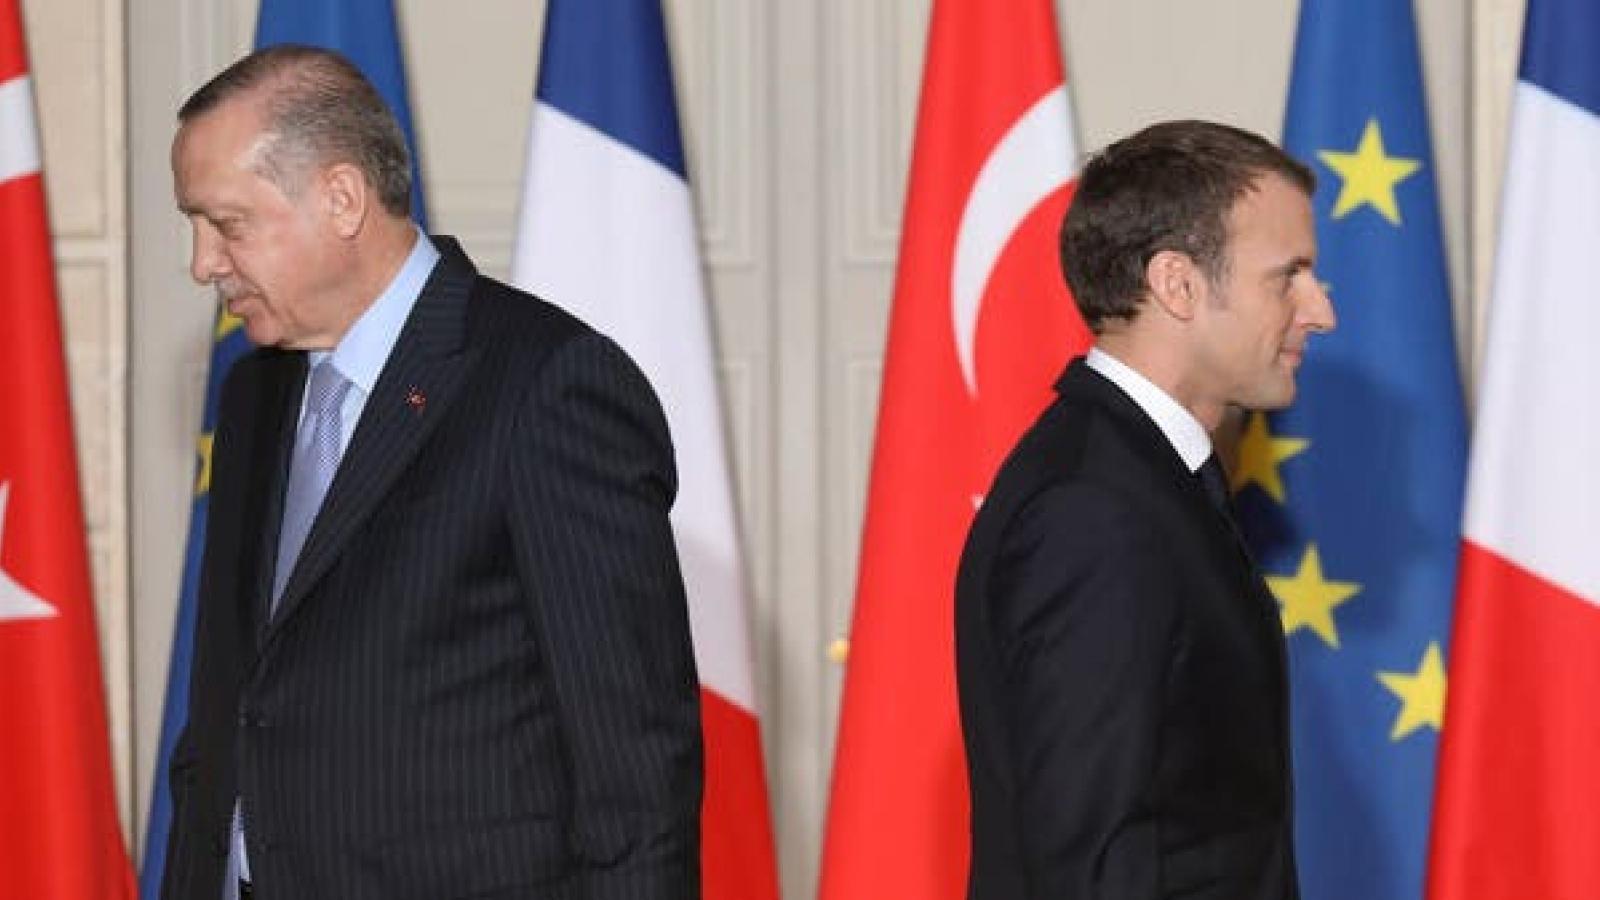 Căng thẳng Pháp - Thổ Nhĩ Kỳ thổi bùng xung đột phương Tây và thế giới Hồi giáo